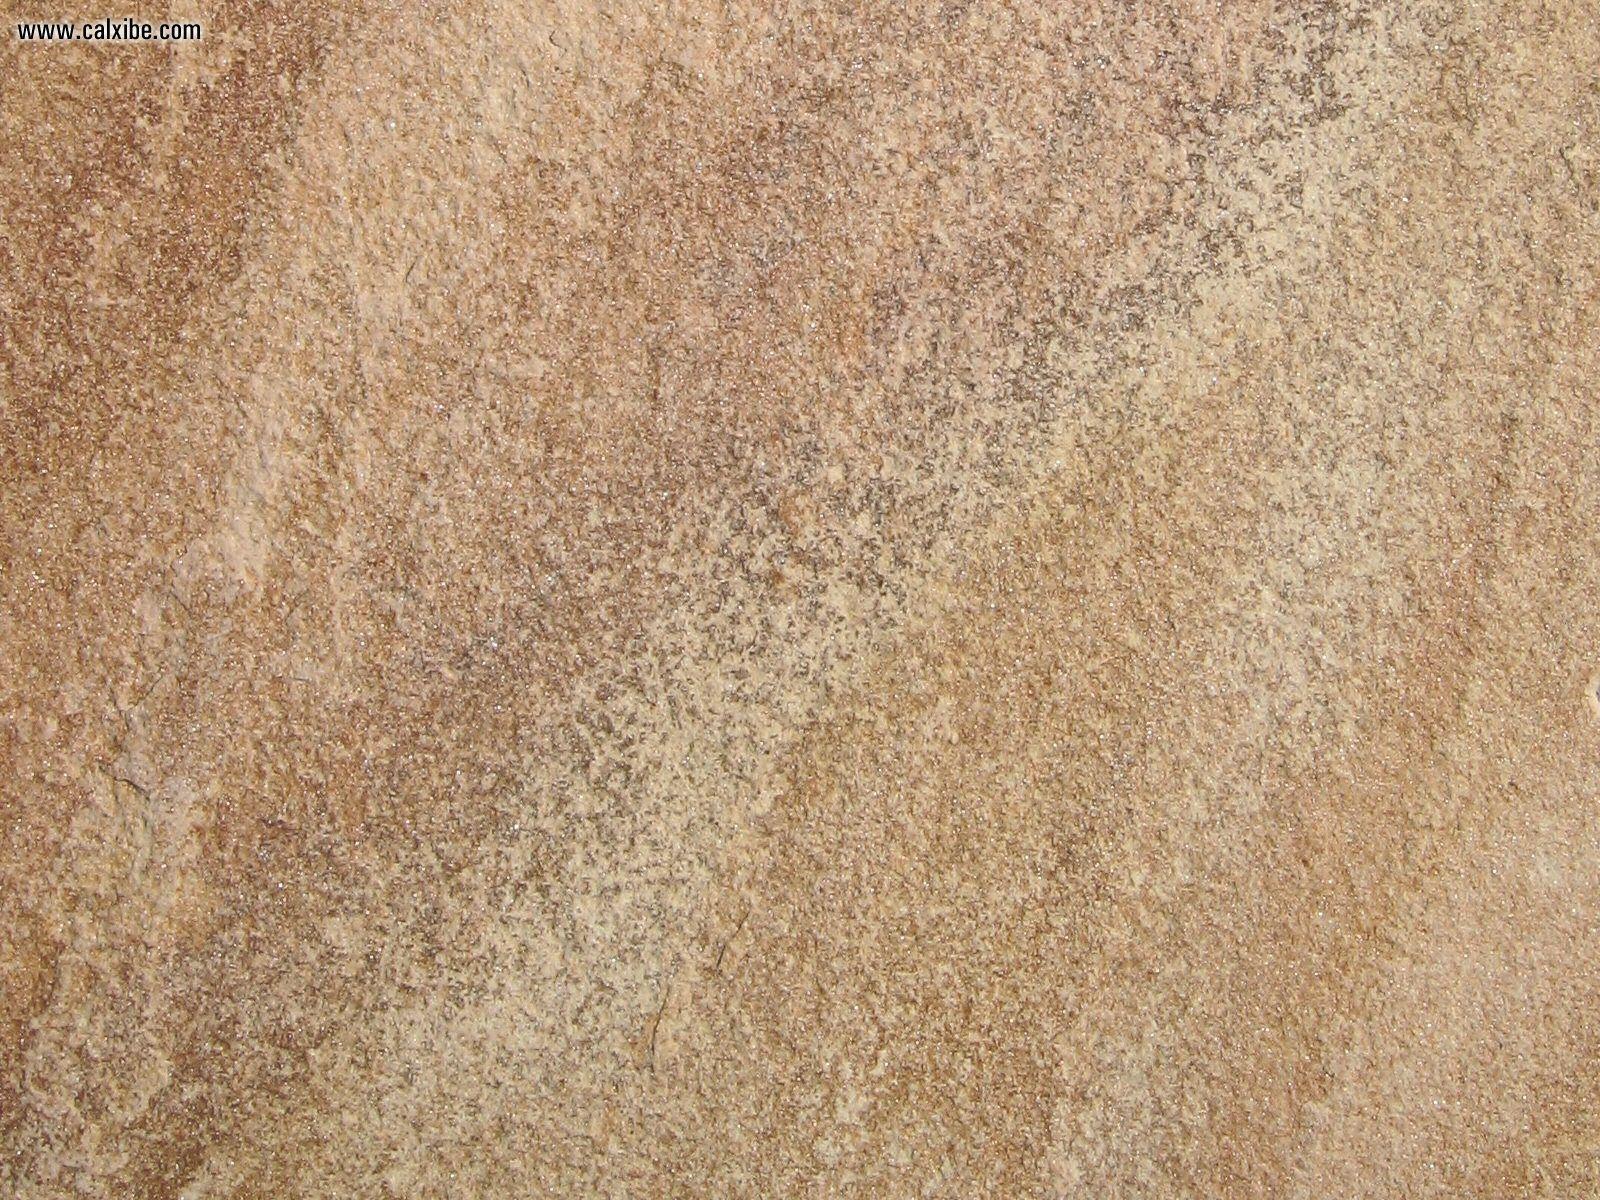 Development Sandstone picture nr 15968 1600x1200